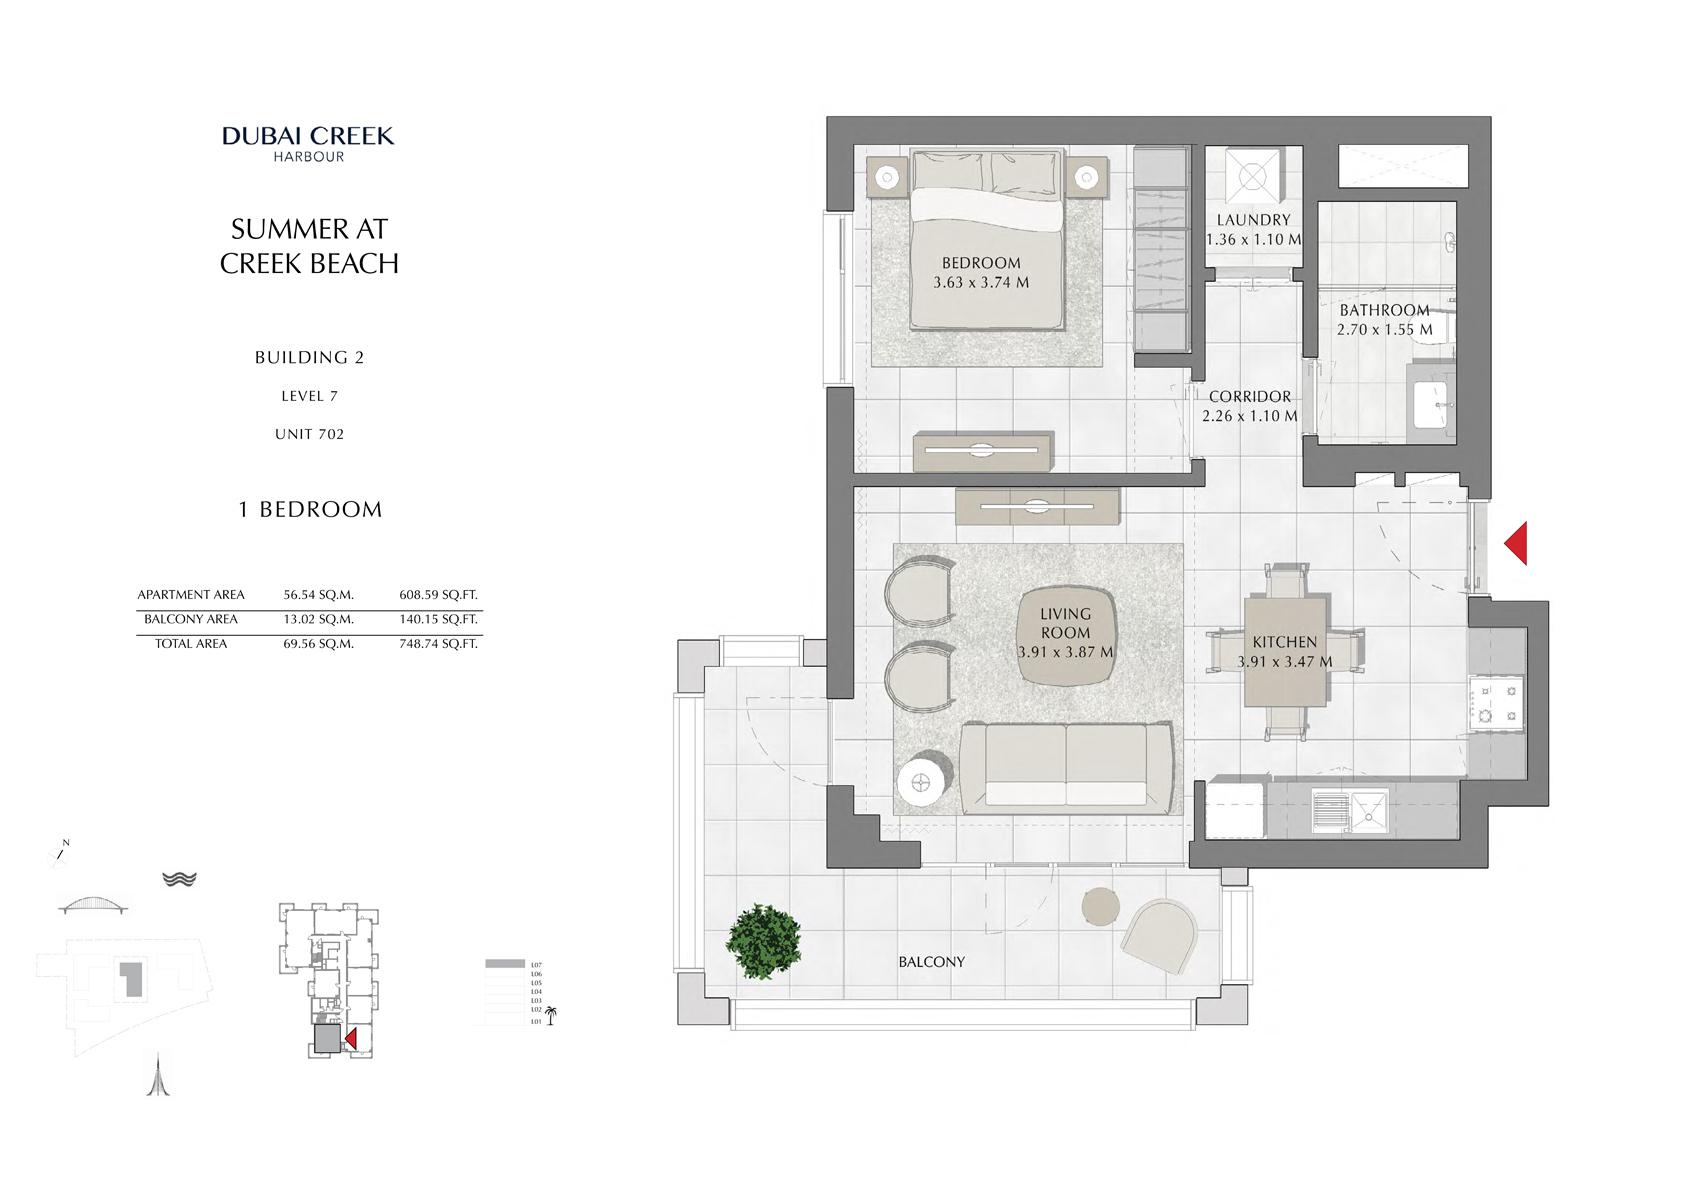 1 Br Building 2 Level 7 Unit 702, Size 748 Sq Ft